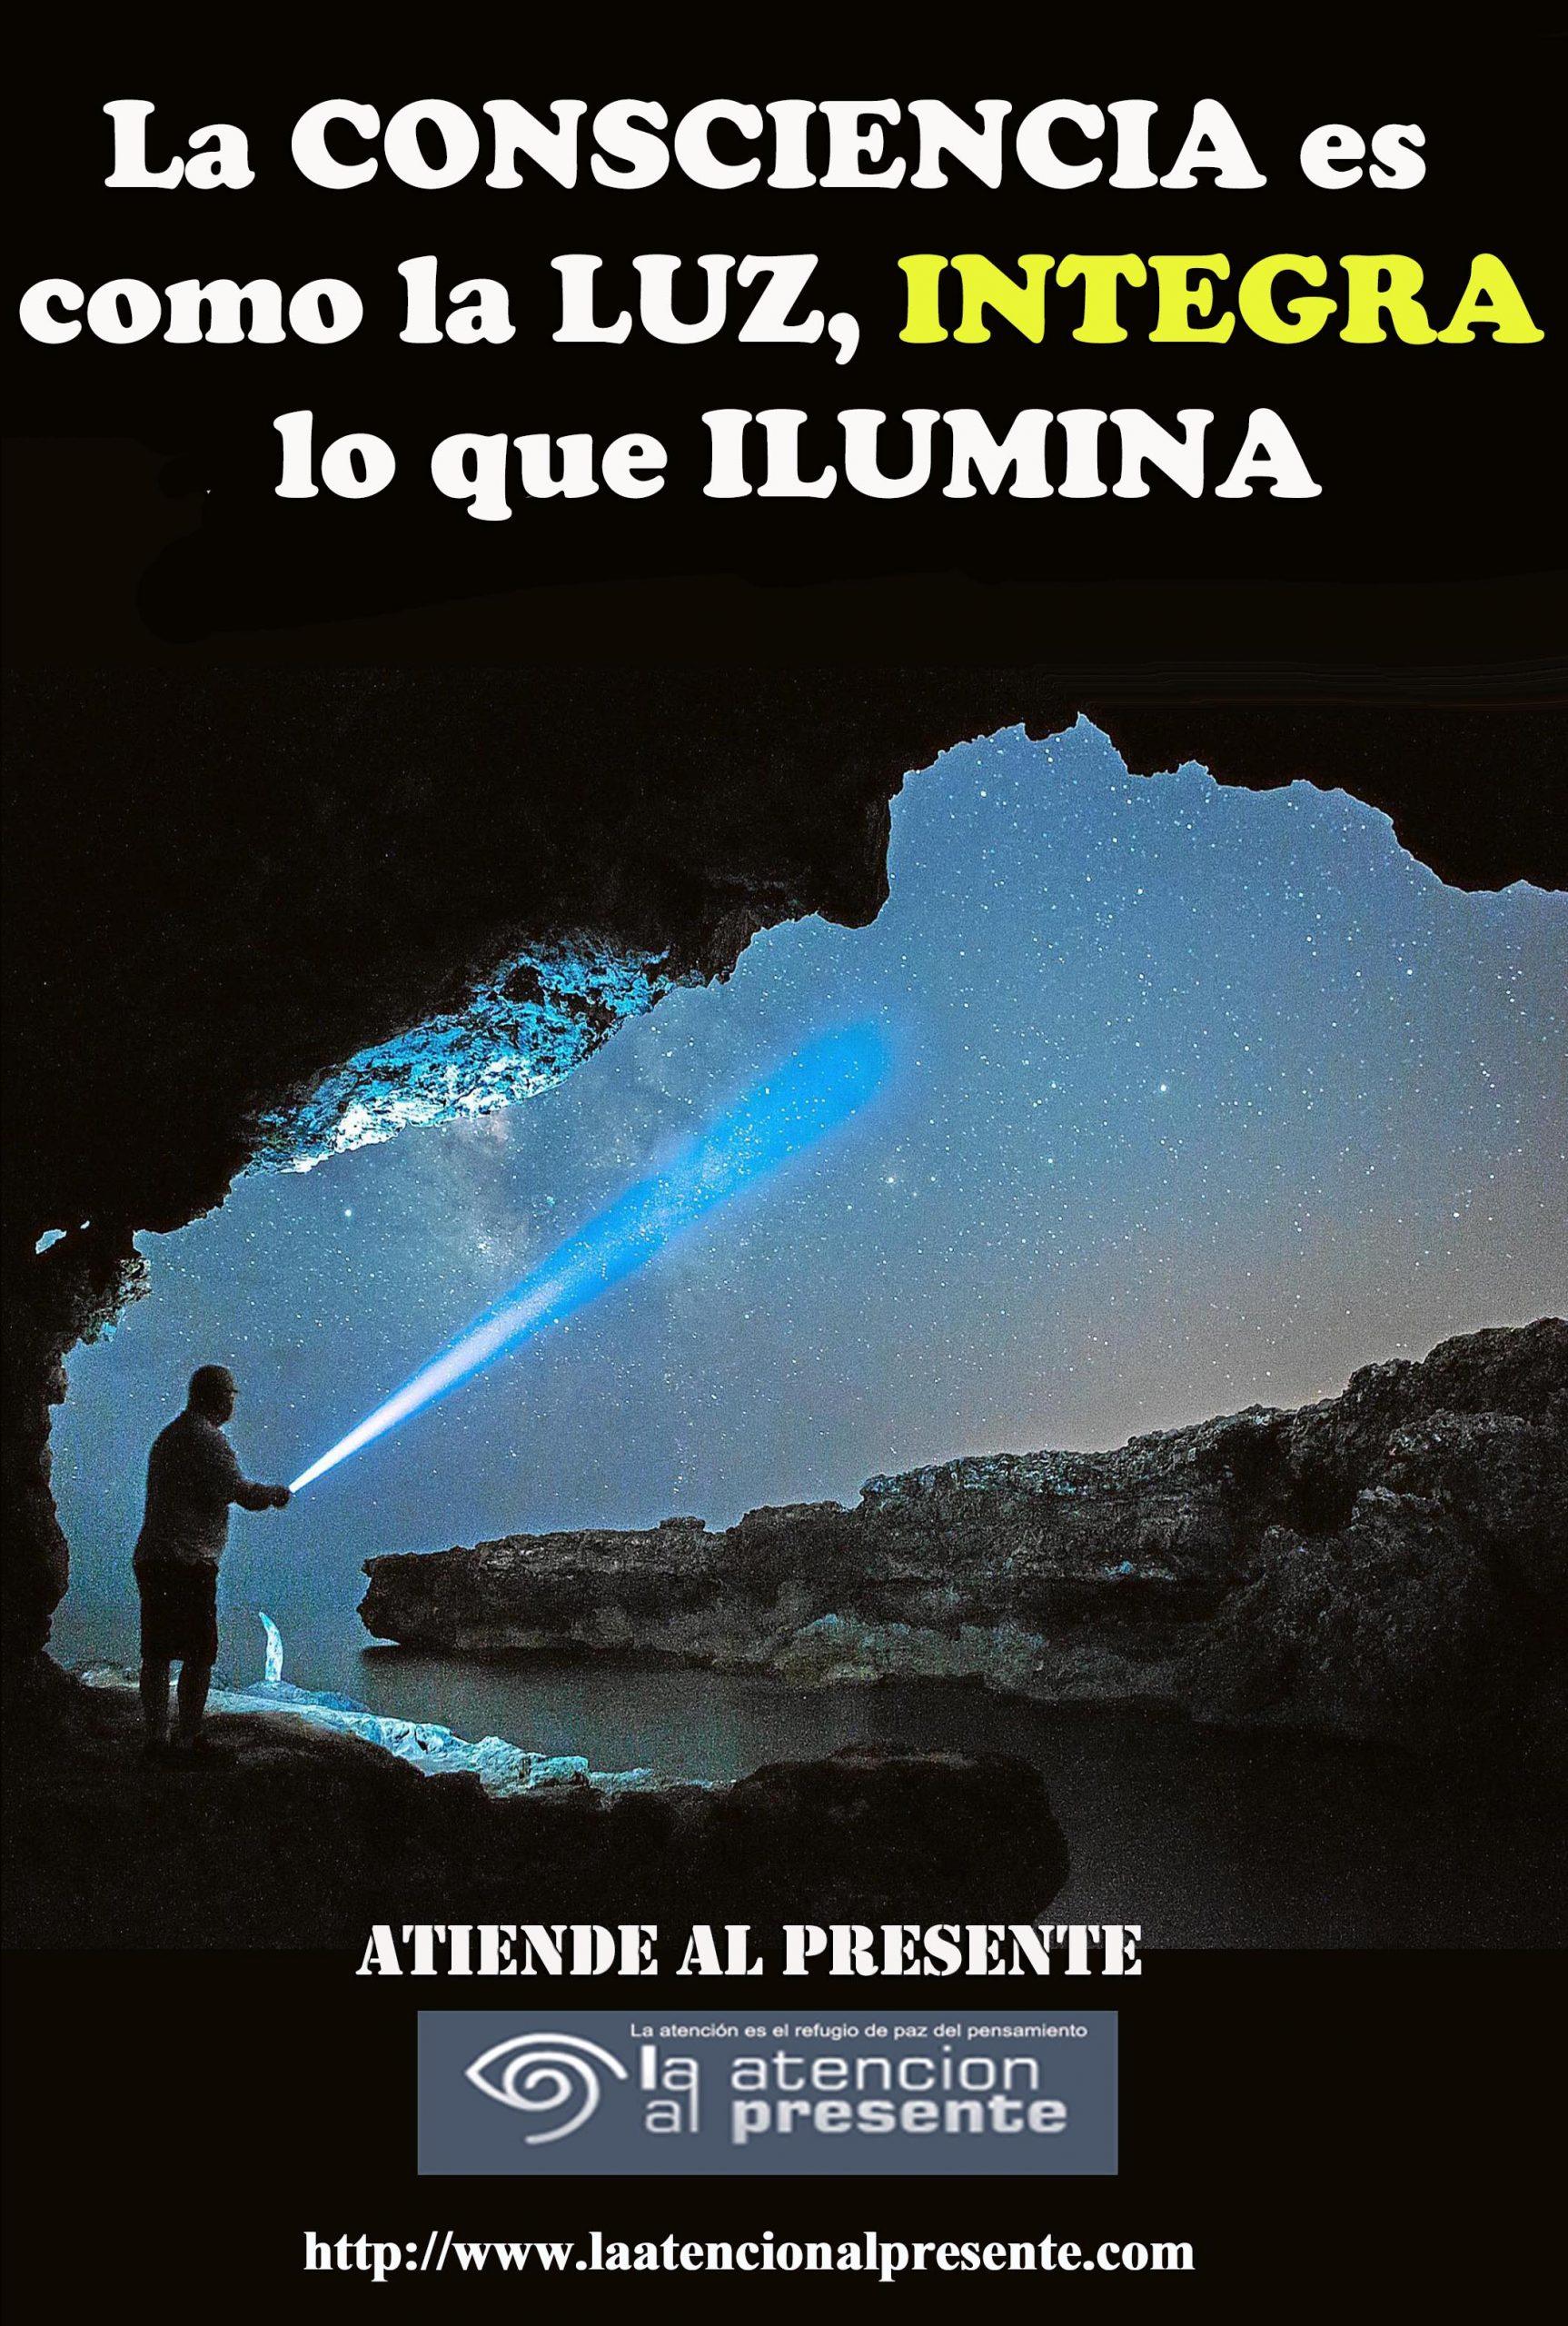 18 de set Esteban La CONSCIENCIA es como la LUZ integra lo que ILUMINA min scaled